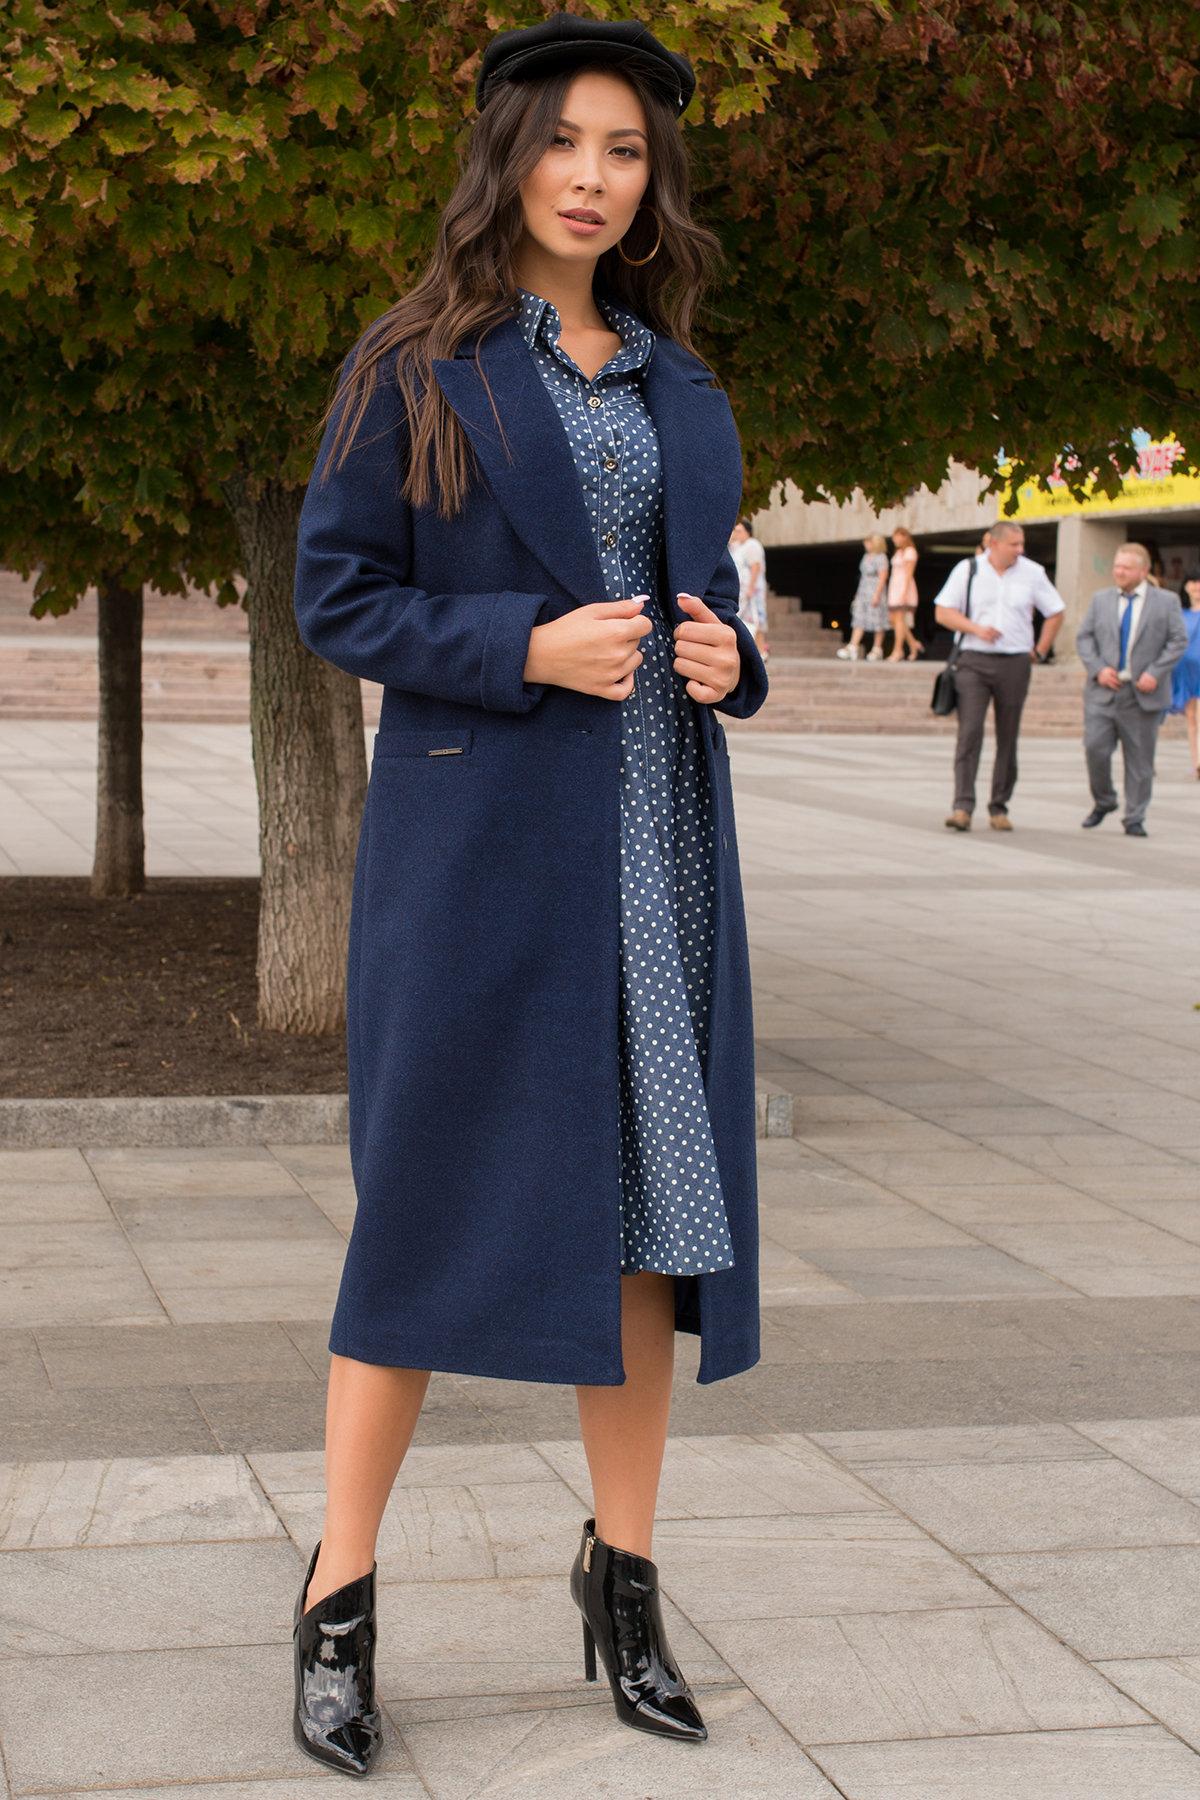 Демисезонное пальто с прорезными карманами Вива 6378 АРТ. 41258 Цвет: Т.синий 17 - фото 2, интернет магазин tm-modus.ru